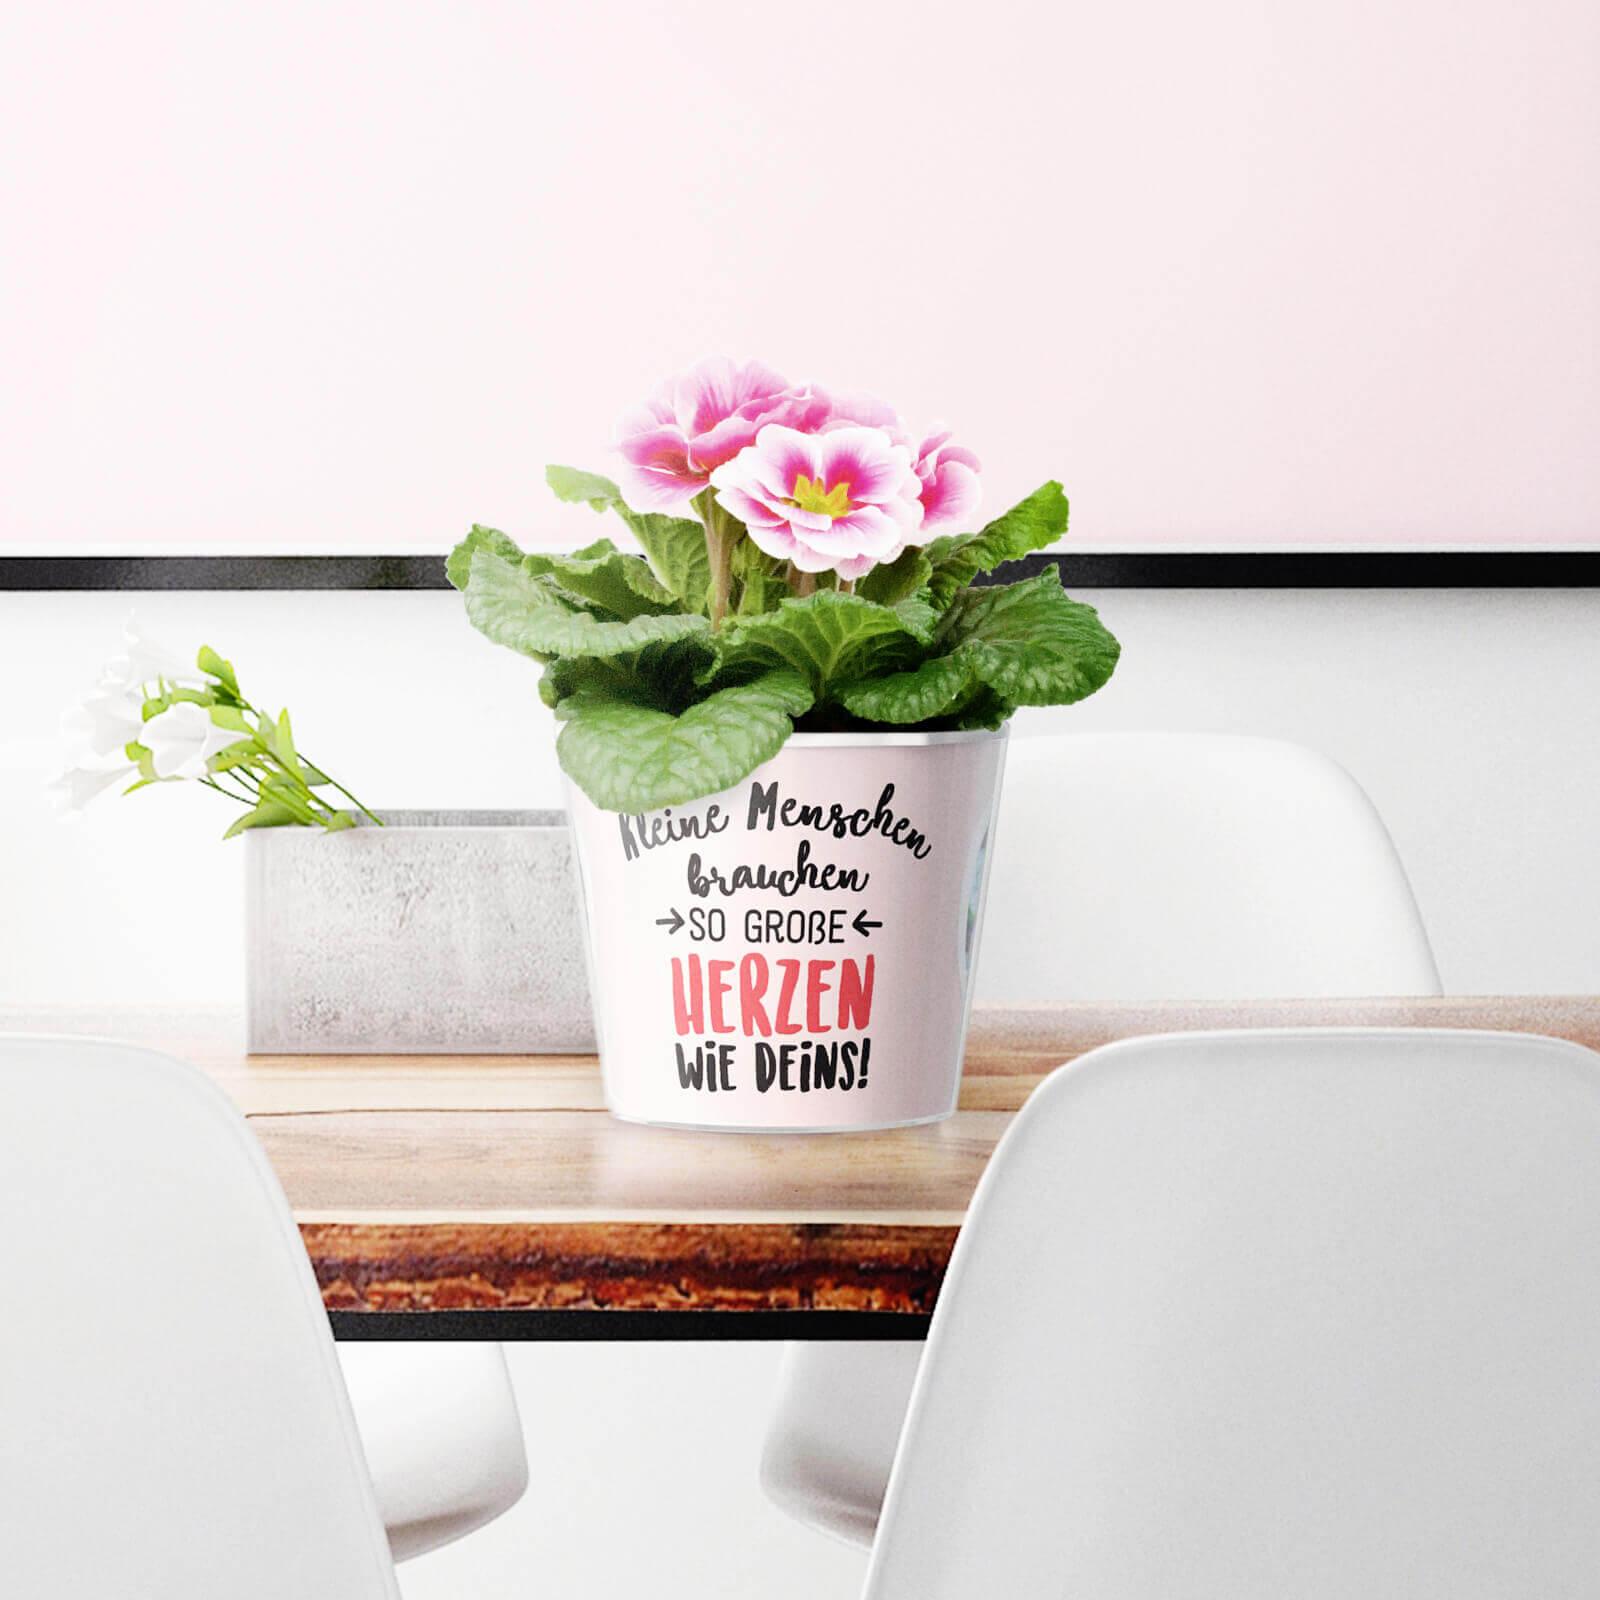 Geschenk für Oma von Enkeln - 10 Blumentopf Ideen von